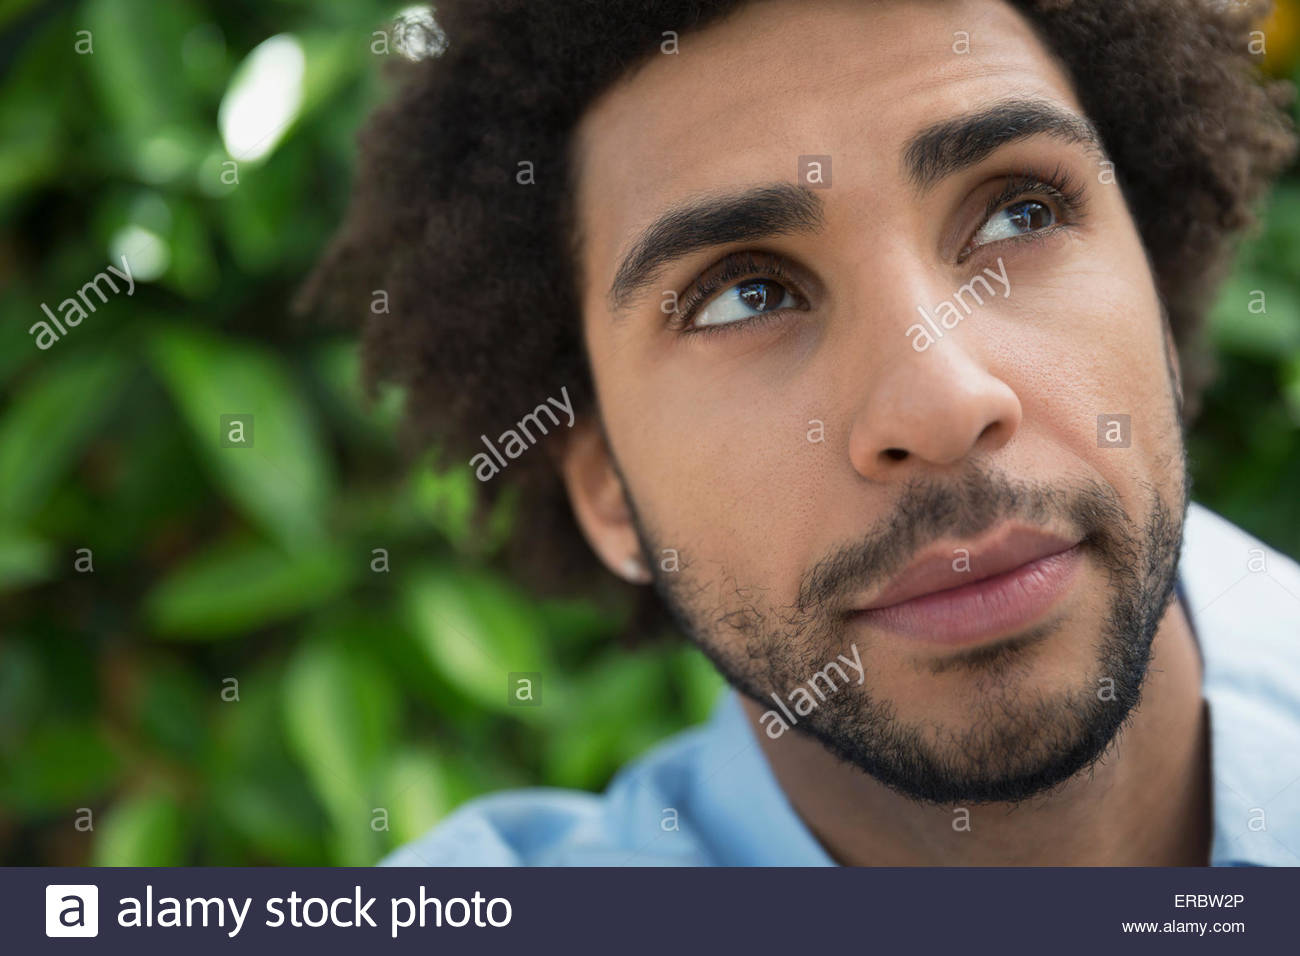 Close up ritratto pensieroso uomo che guarda verso l'alto Immagini Stock